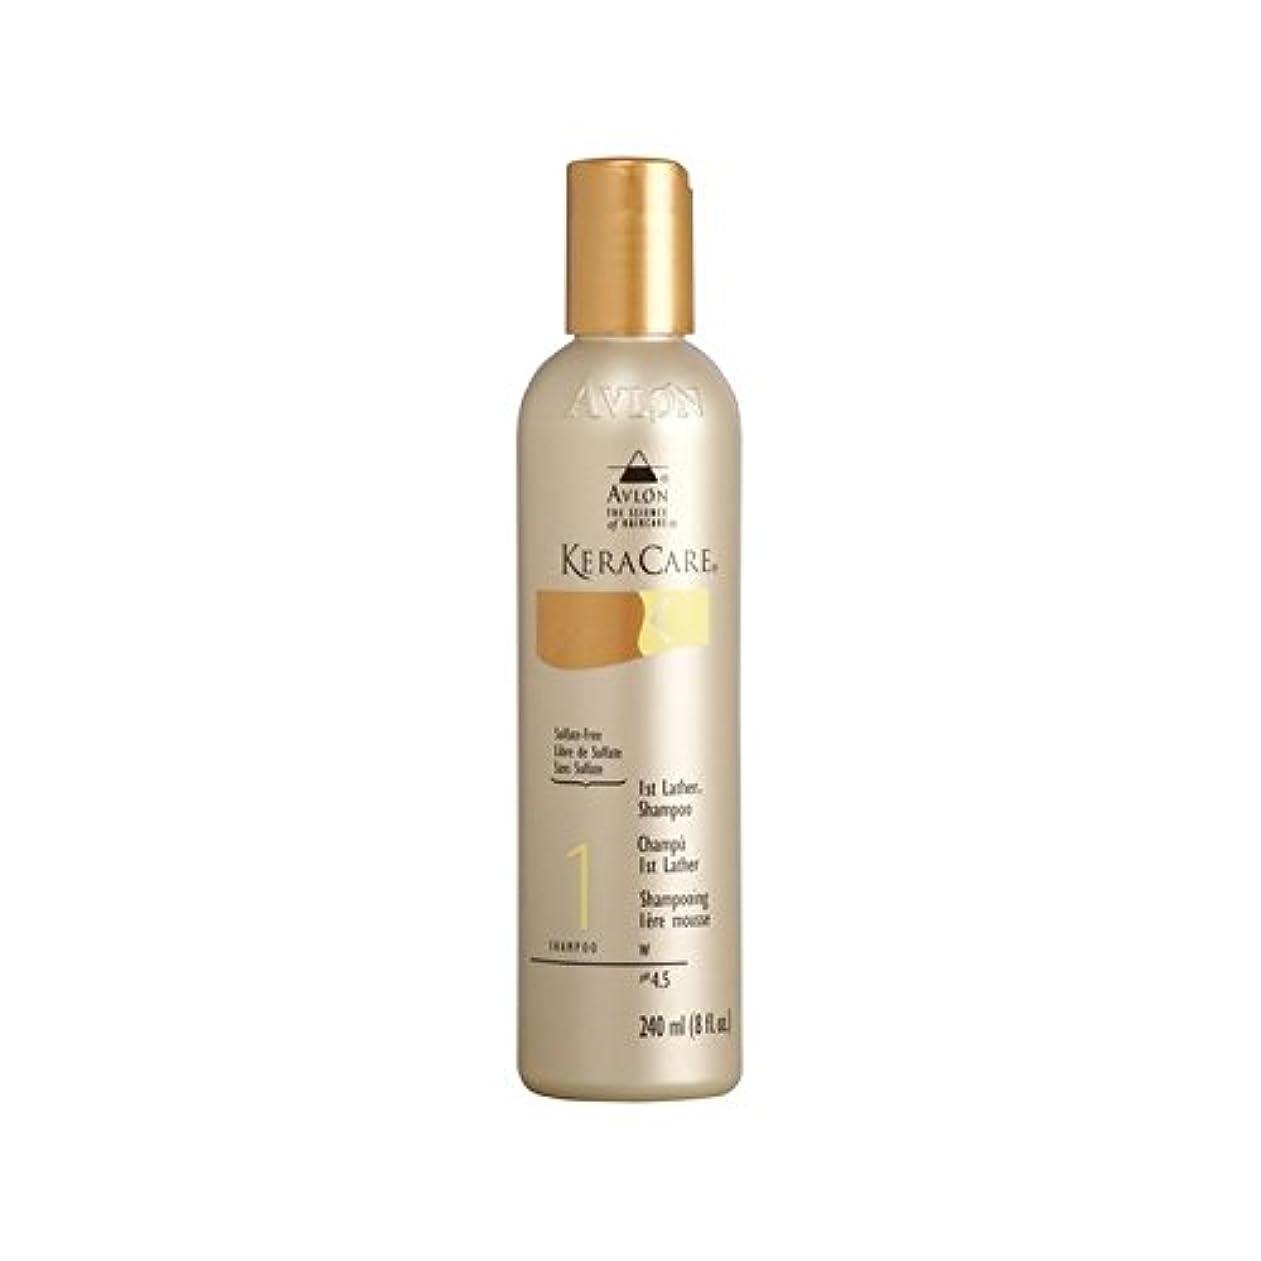 カバーウサギ伝染病第一泡立ちのシャンプー(240ミリリットル) x4 - Keracare 1St Lather Shampoo (240ml) (Pack of 4) [並行輸入品]